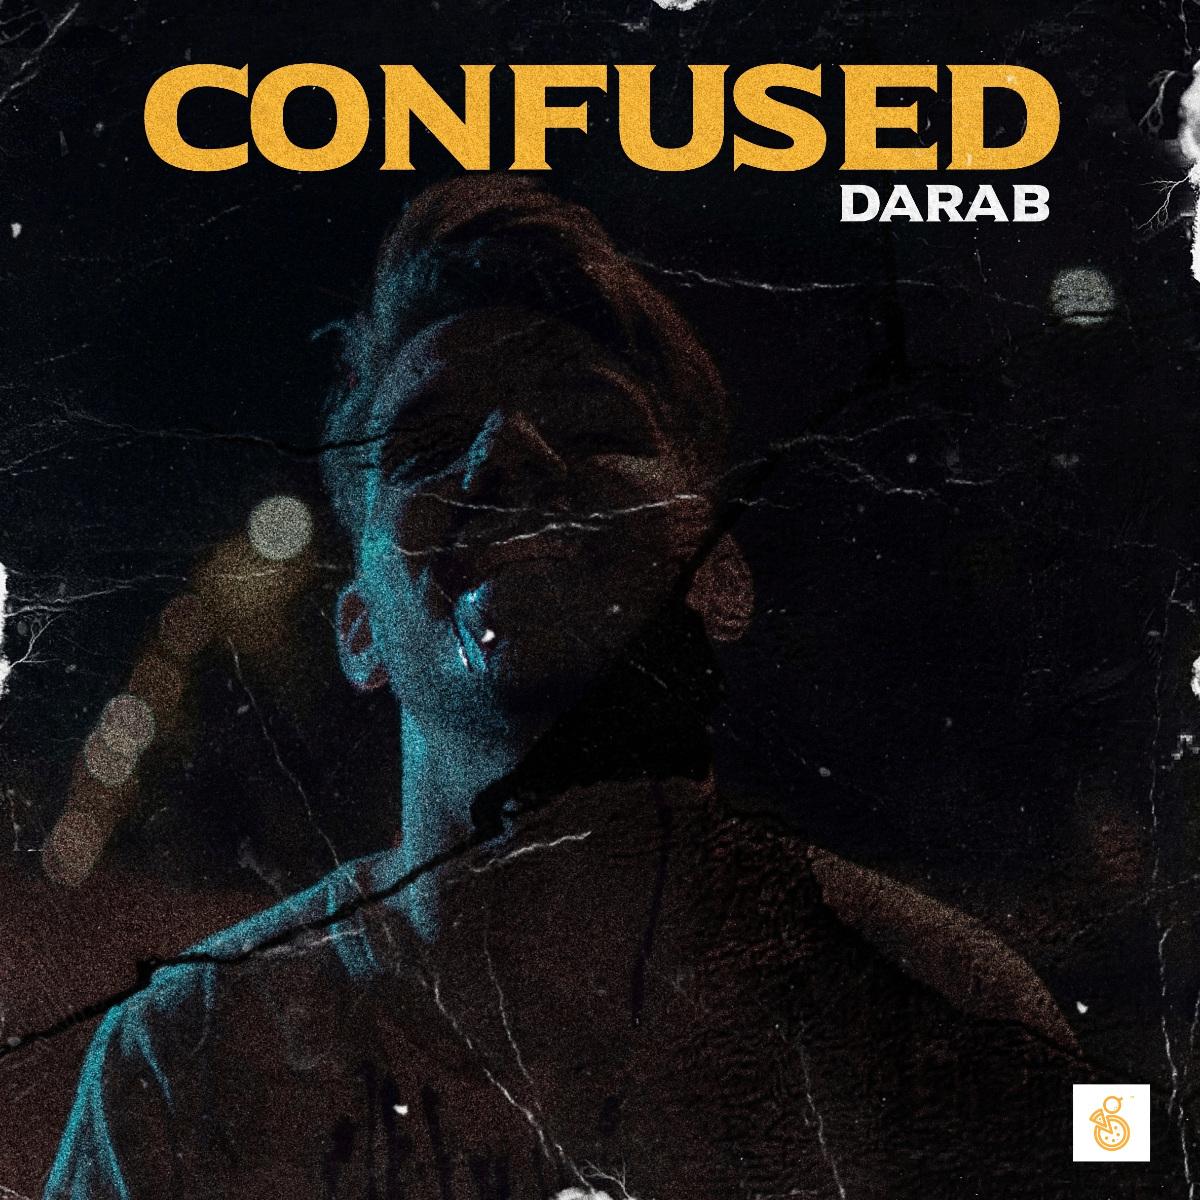 Darab - Confused Album